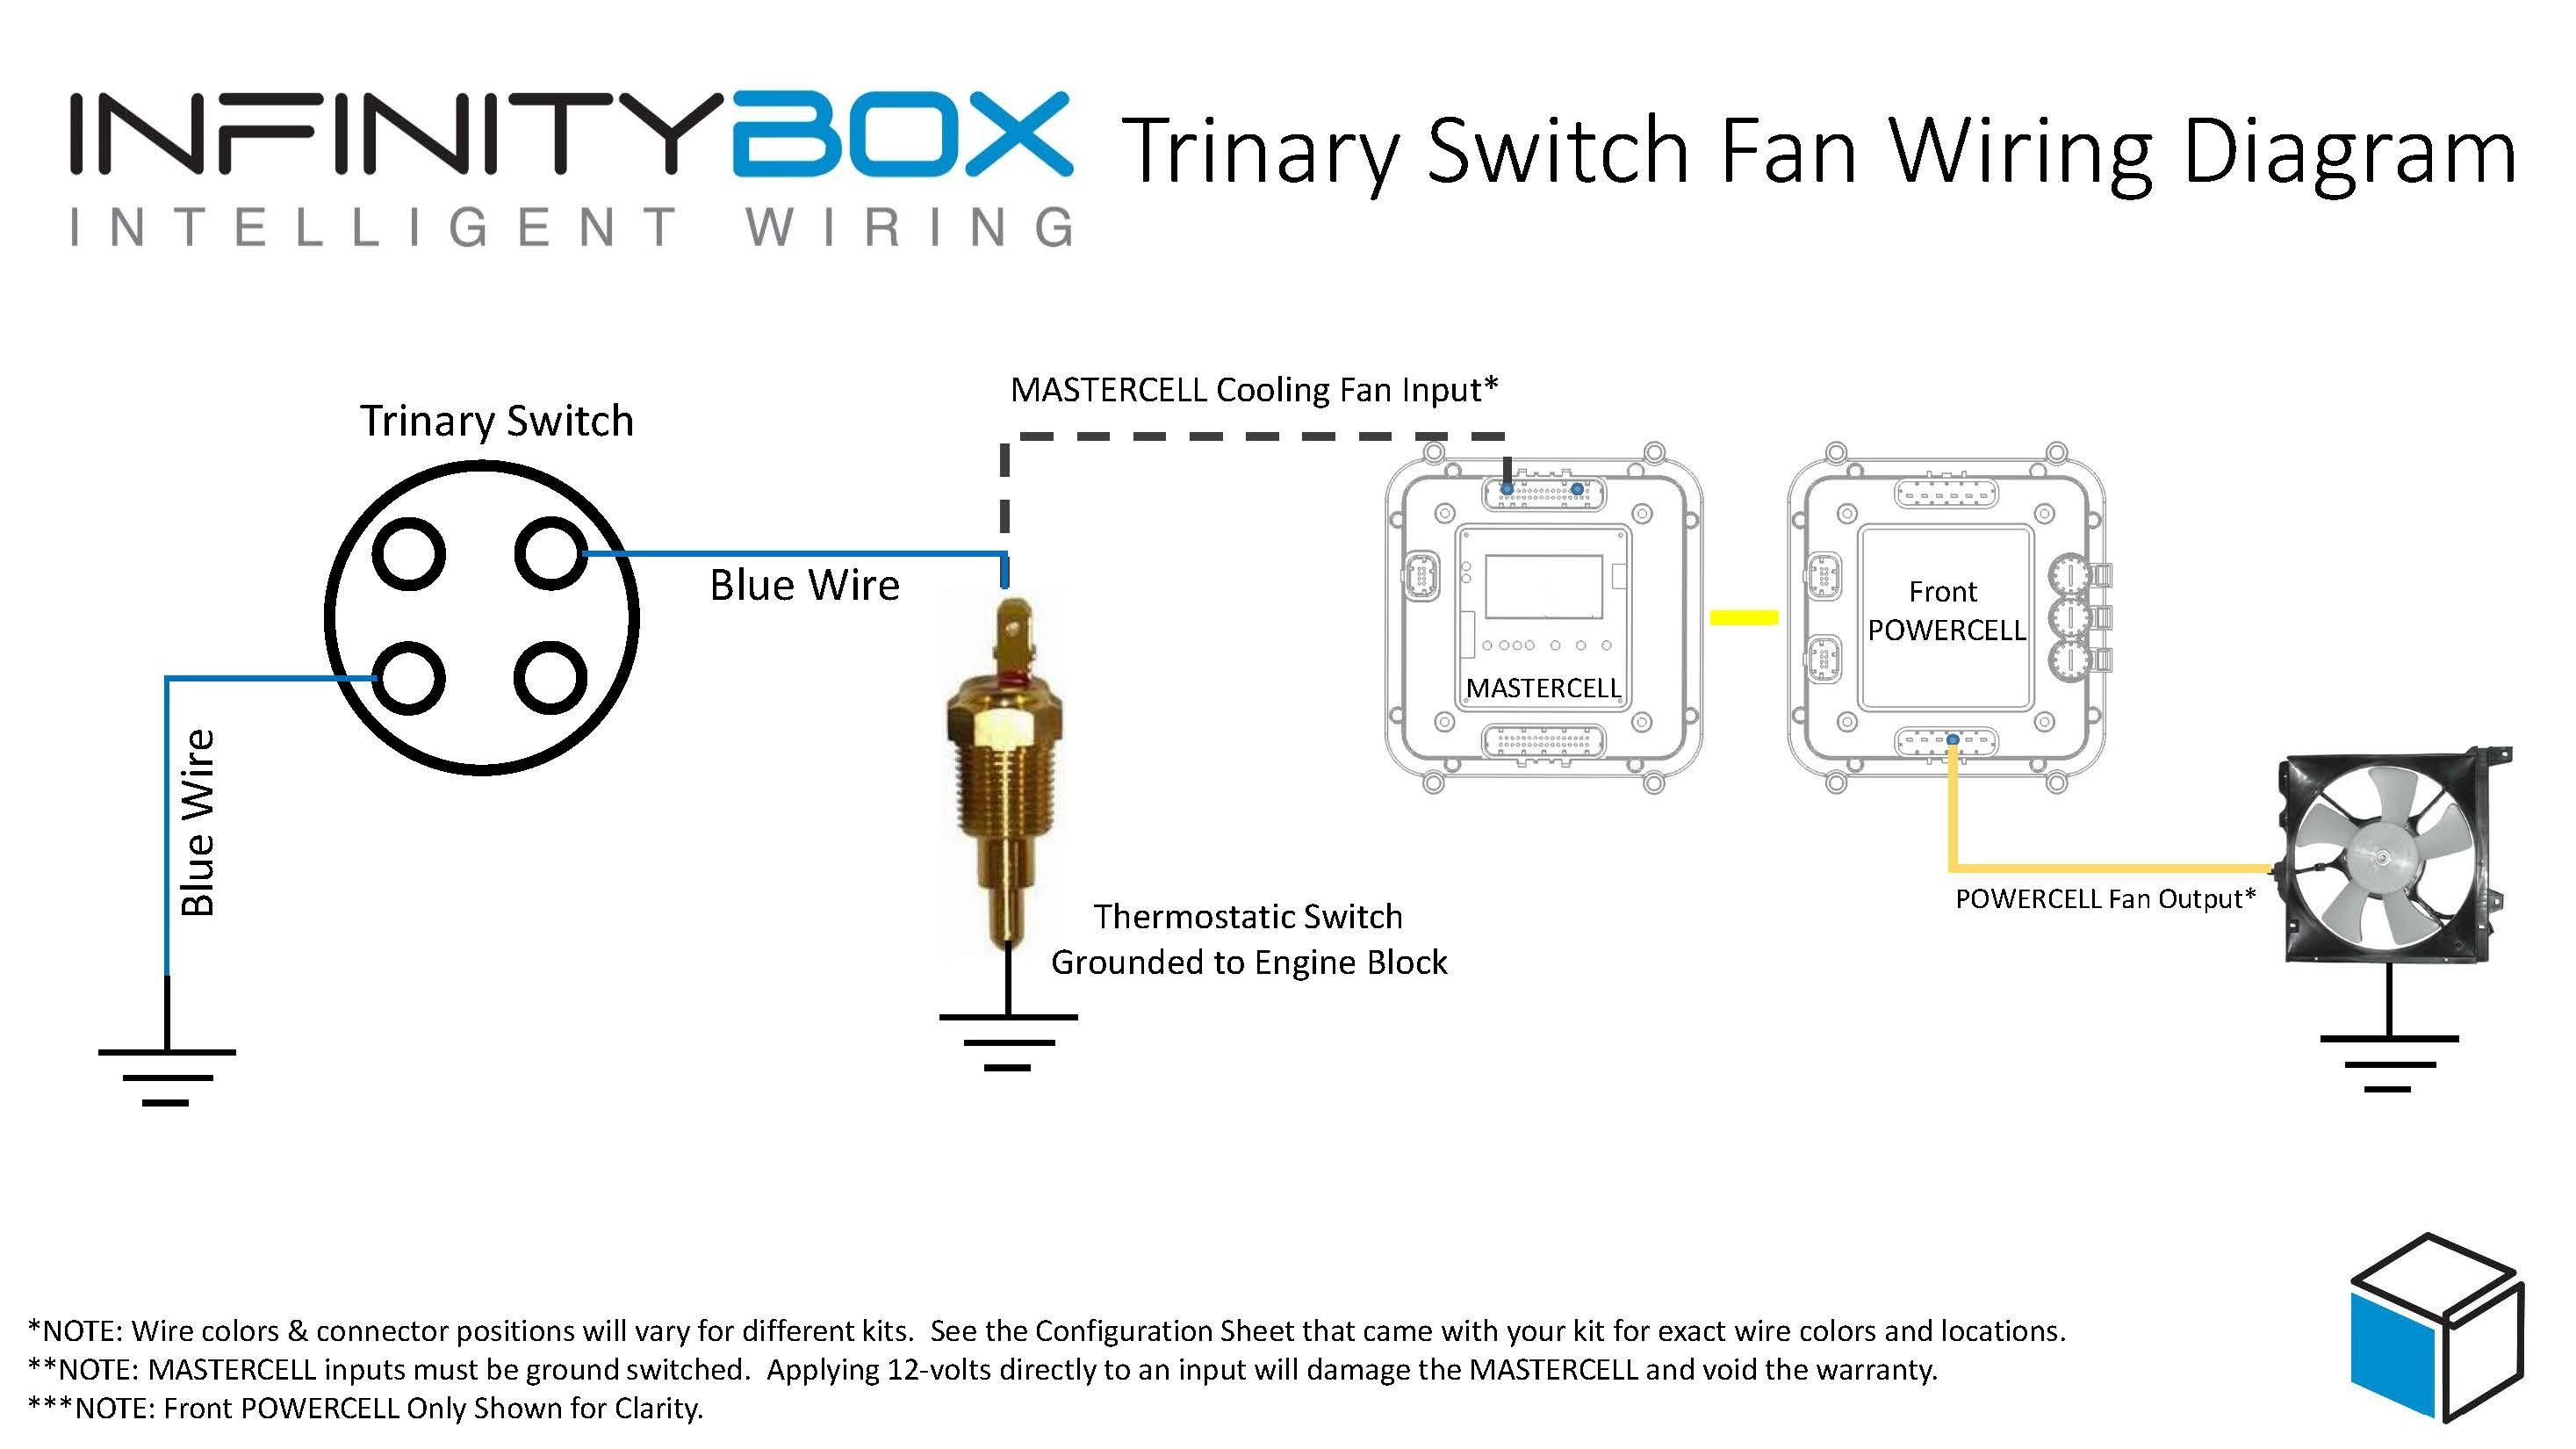 Infinitybox Wiring Diagram Trinary Switch Showy